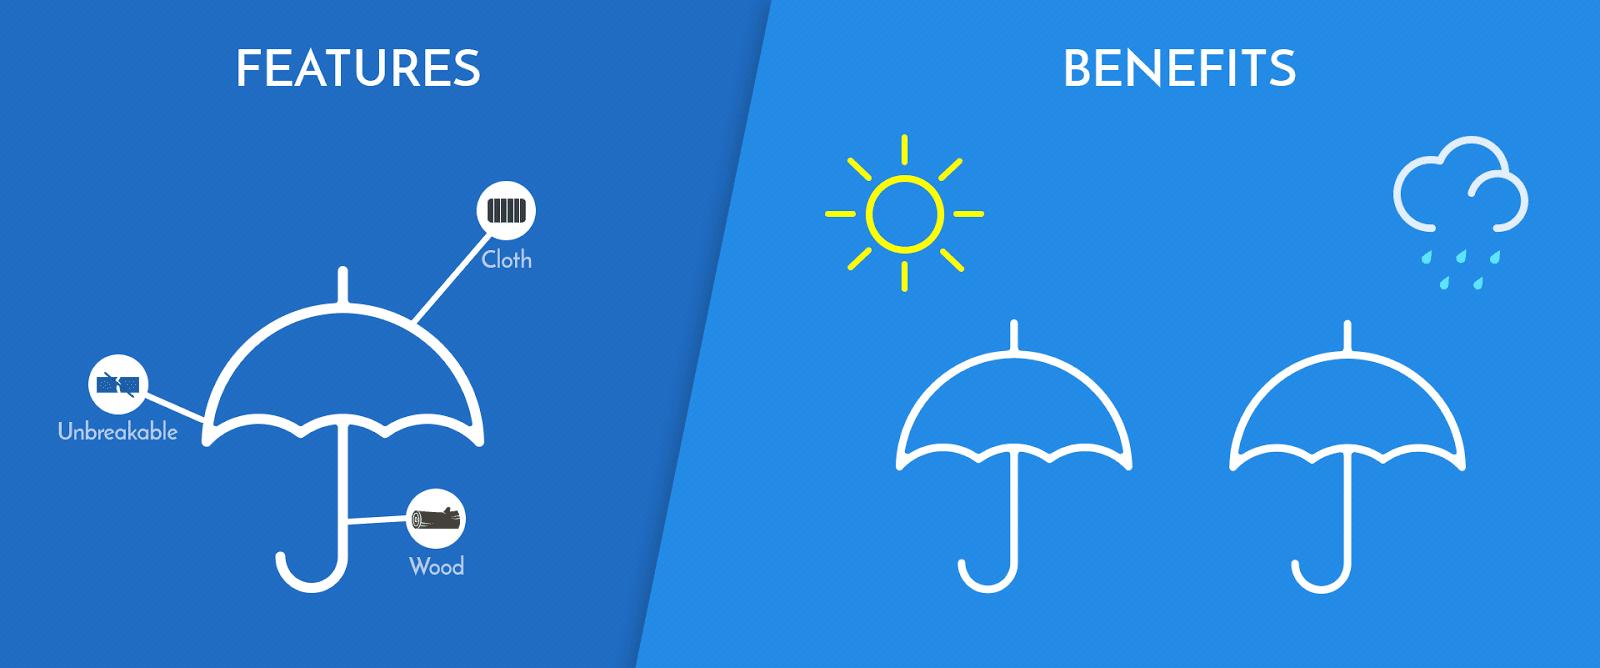 features vs benefits umbrella example